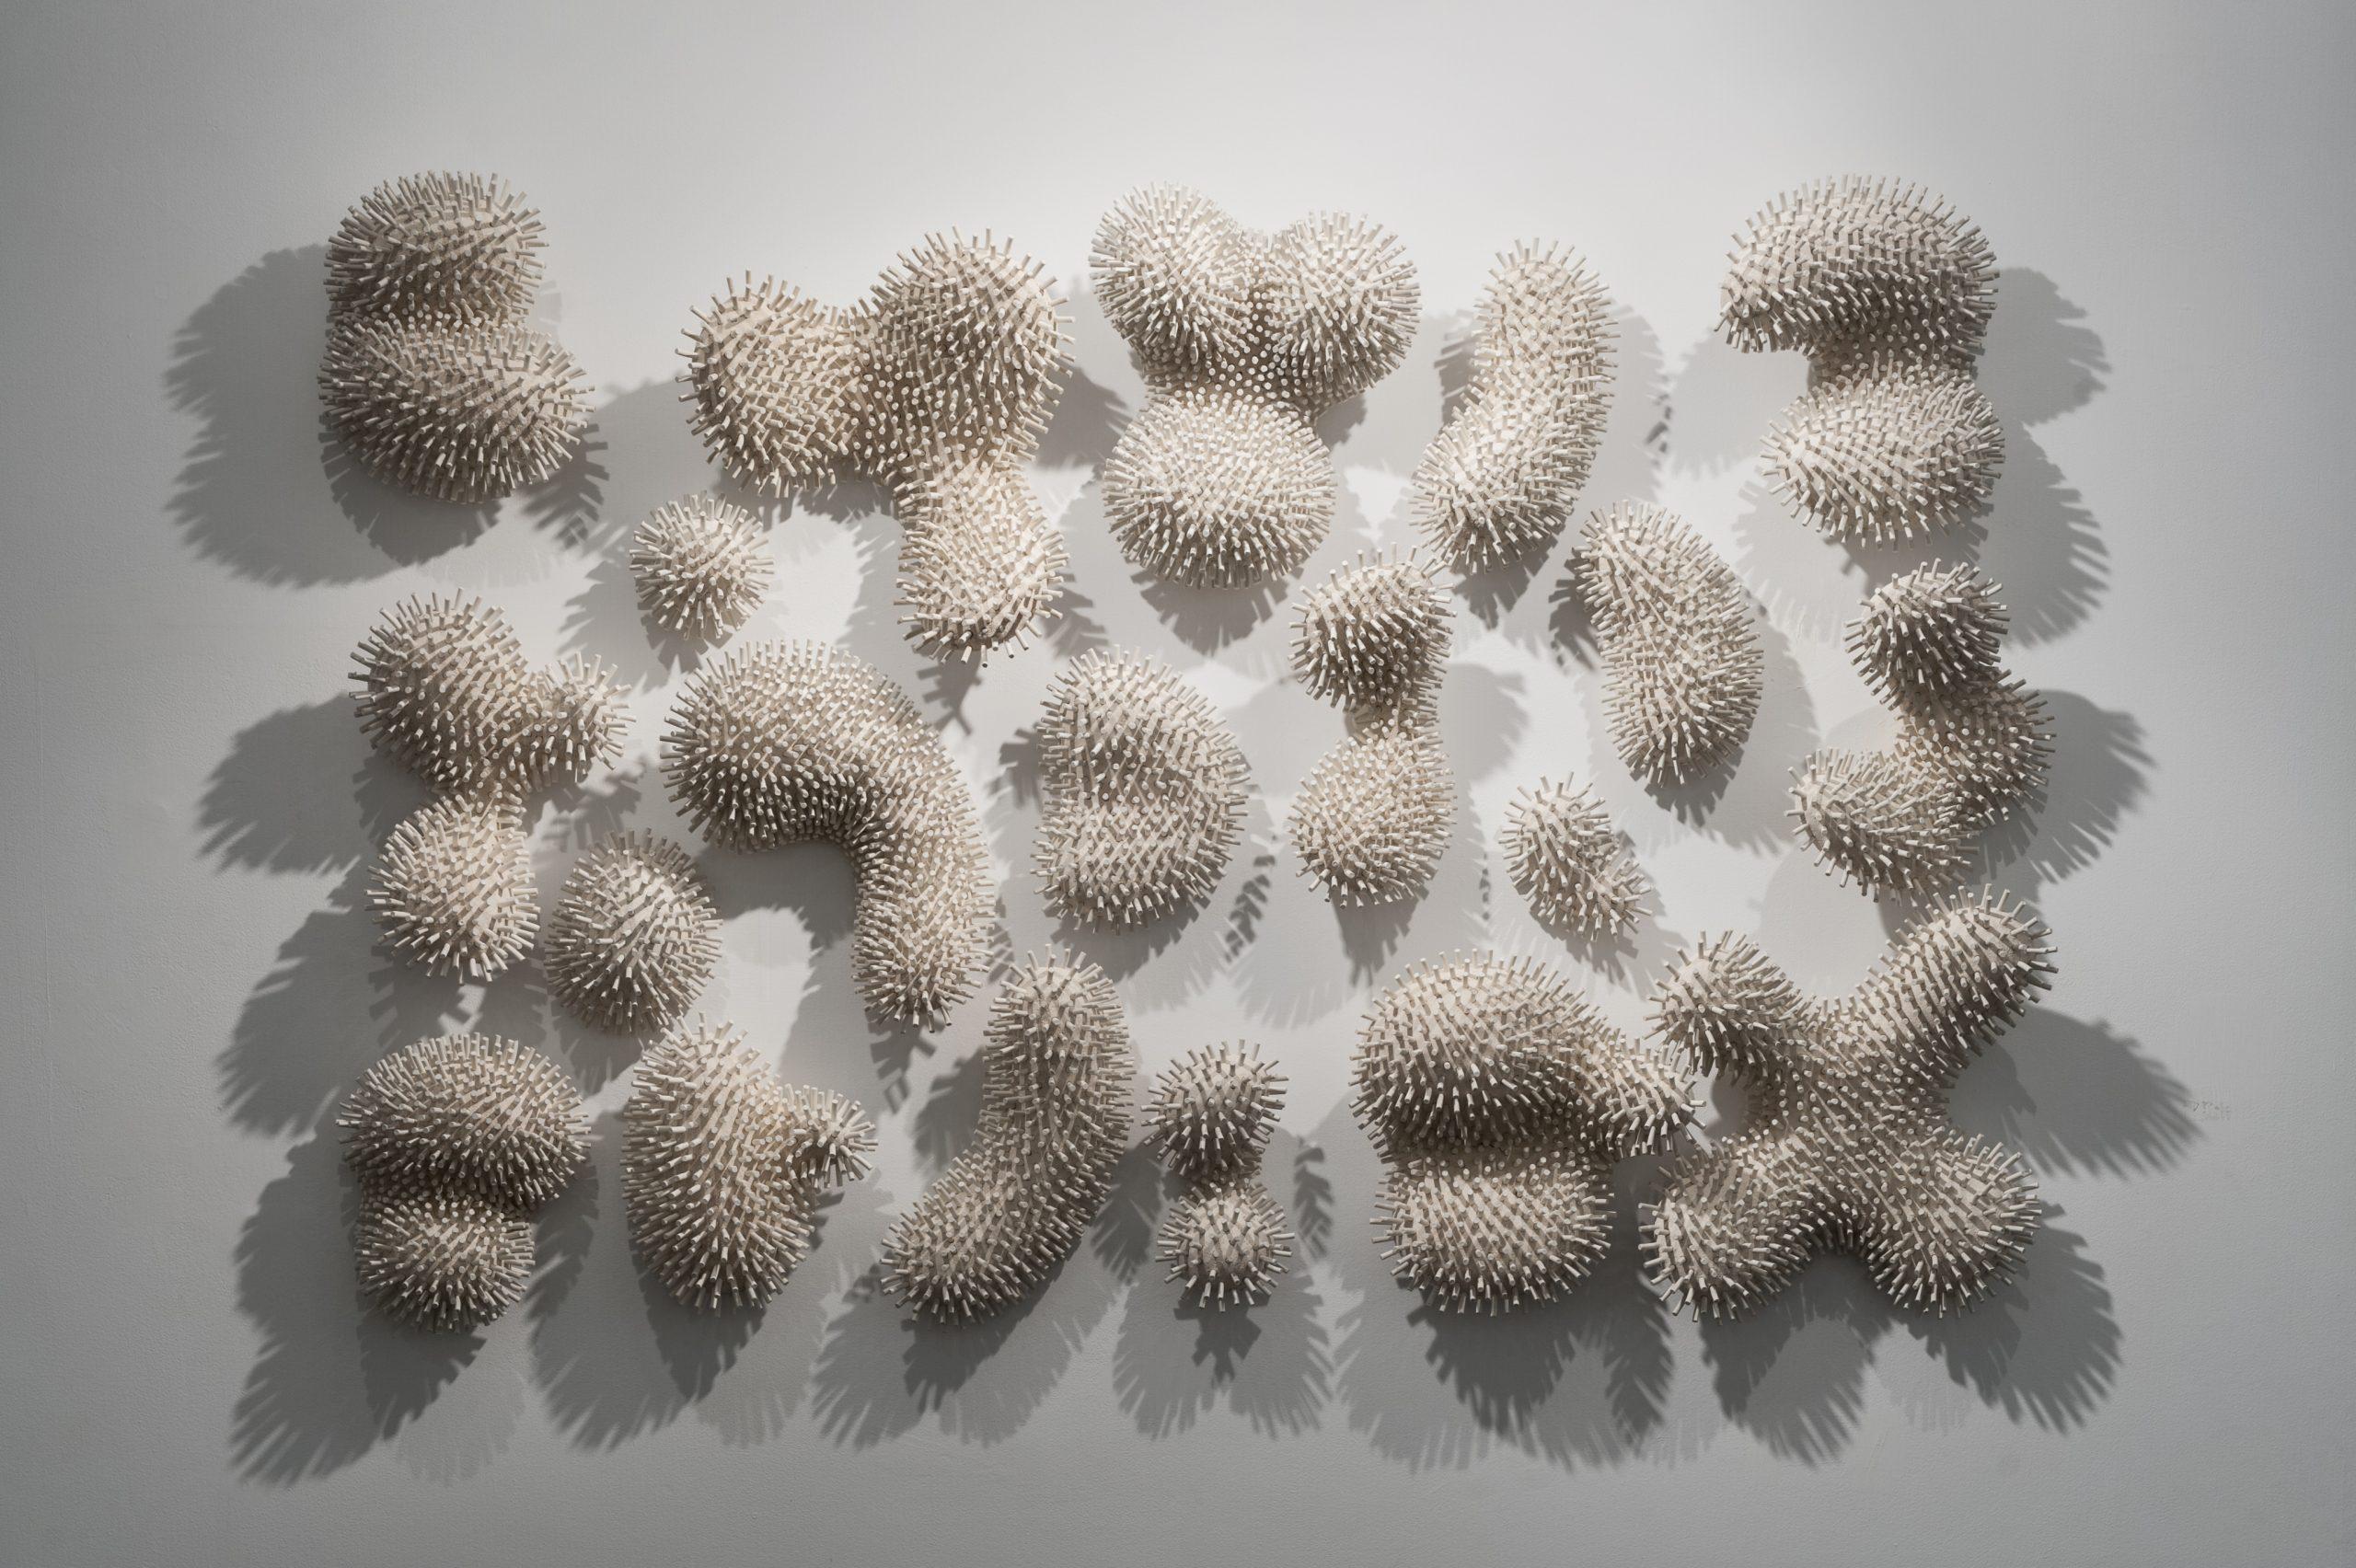 Un conjunt de 22 obres d'artistes valencians se suma a la Col·lecció d'Art Contemporani de la Generalitat